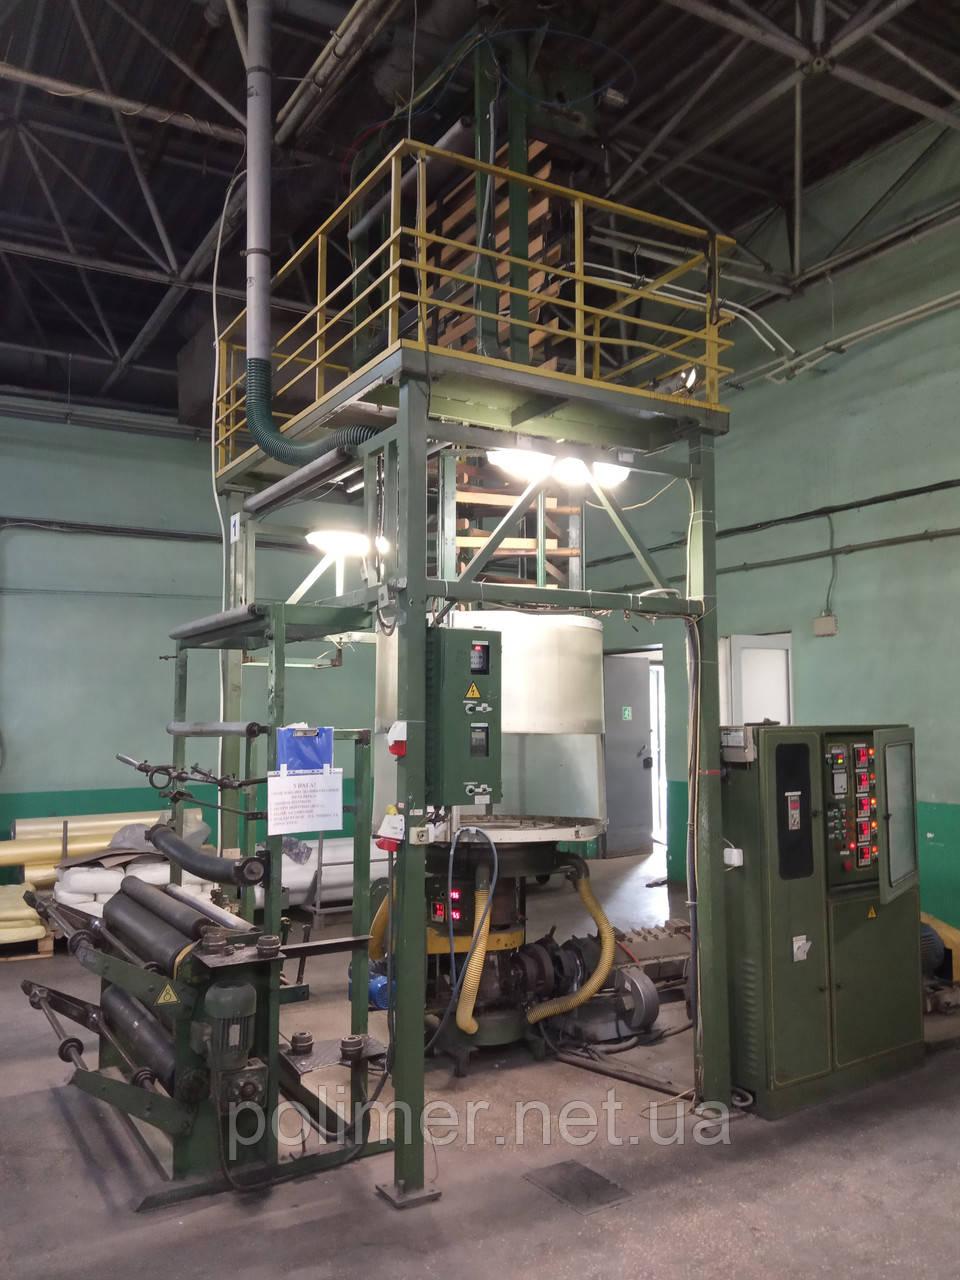 Экструдер для производства полиэтиленовой пленки FM-60-1000